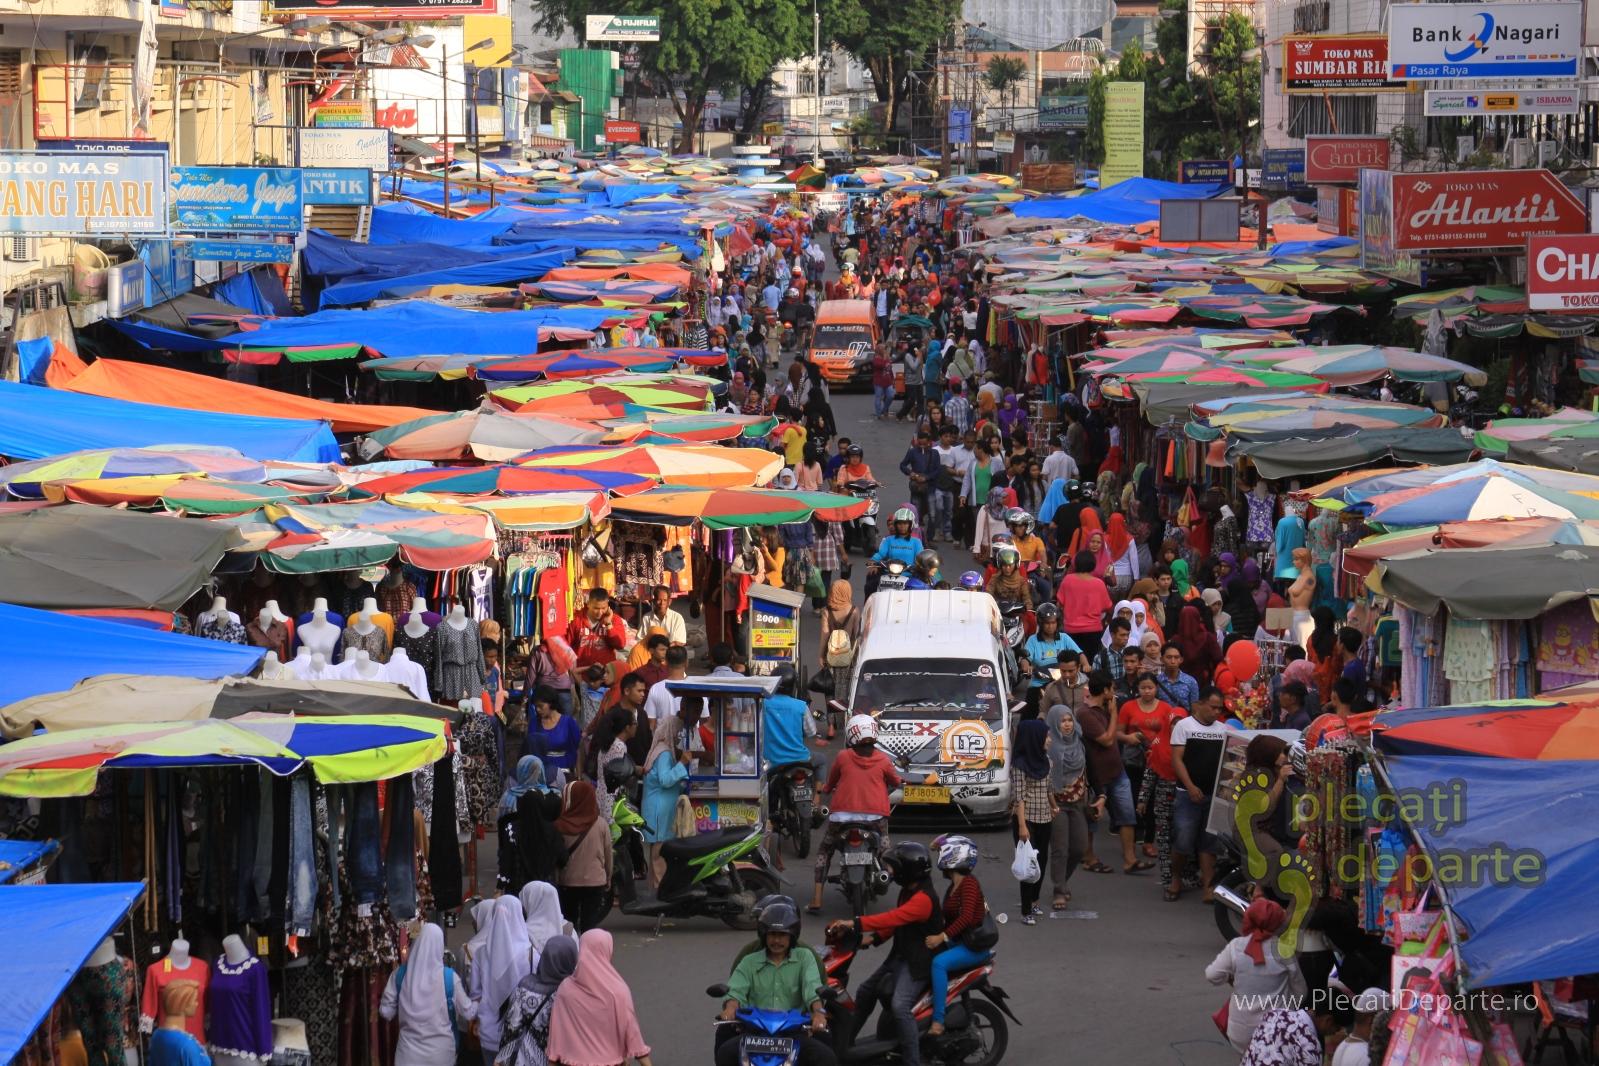 Piata aglomerata in Padang, Indonezia. Distantare sociala, izolare. Lupta impotriva pandemiei coronavirus covid-19